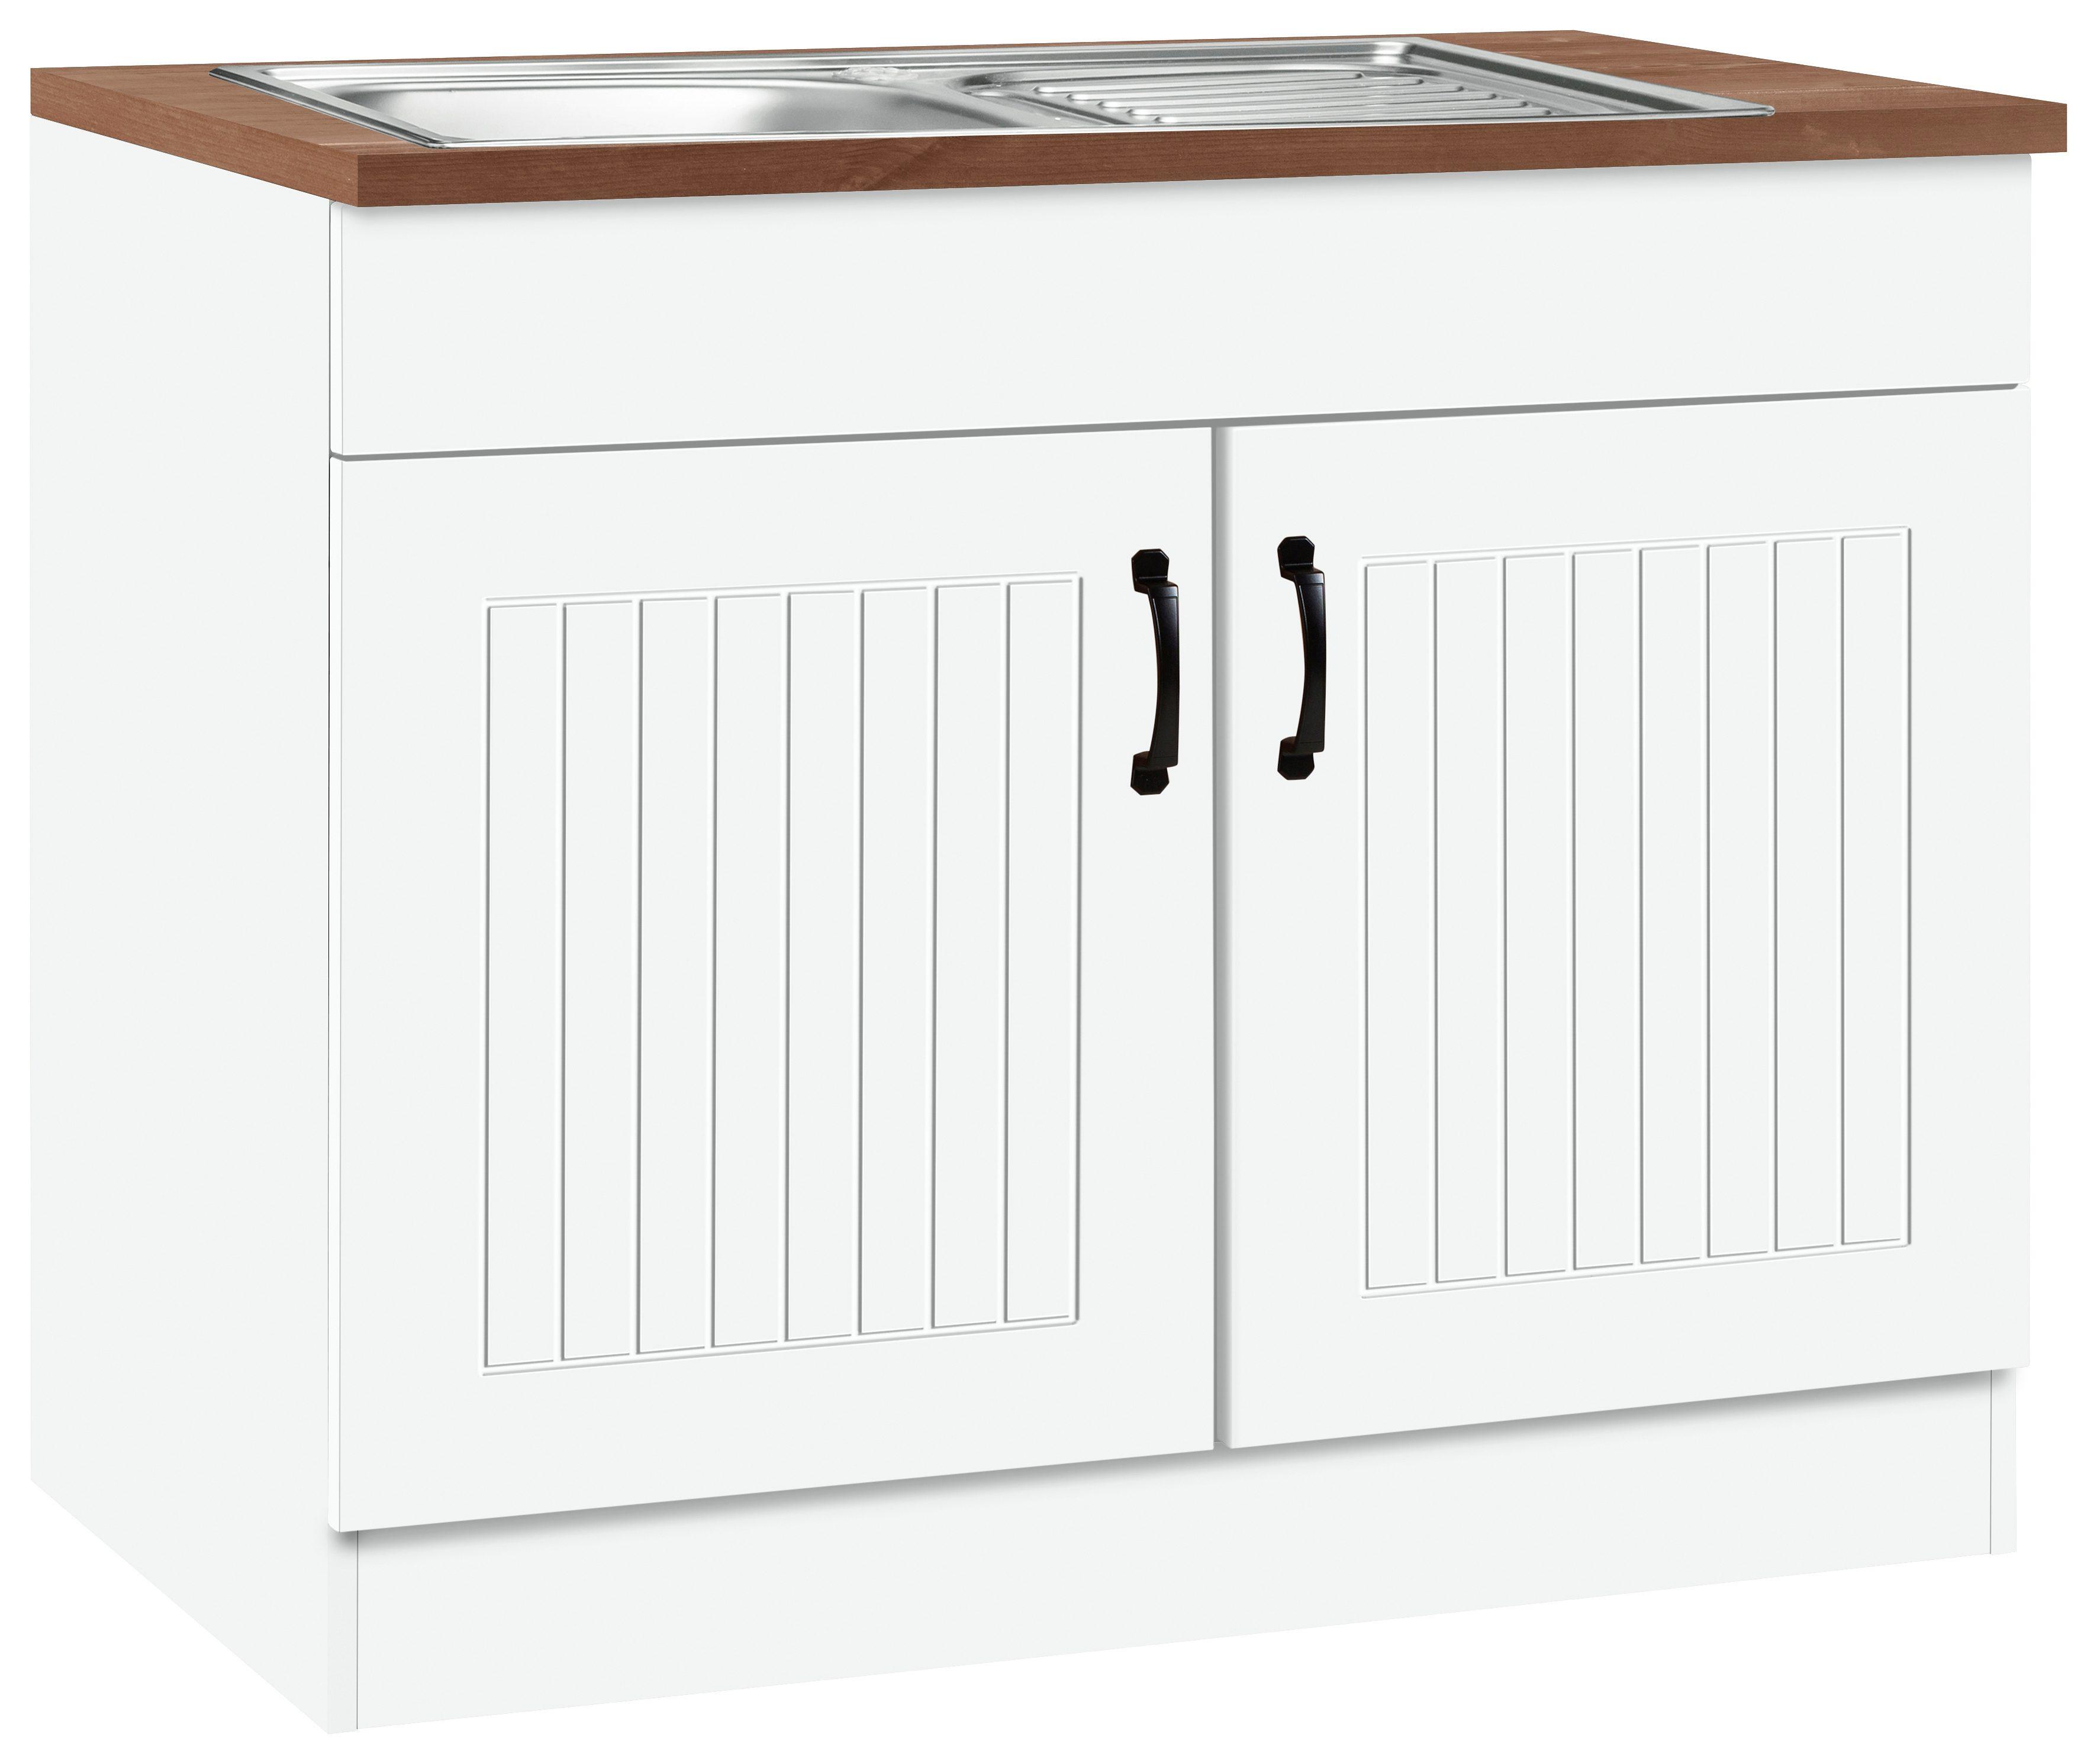 HELD MÖBEL Spülenschrank Athen   Küche und Esszimmer > Küchenschränke > Spülenschränke   Held Möbel